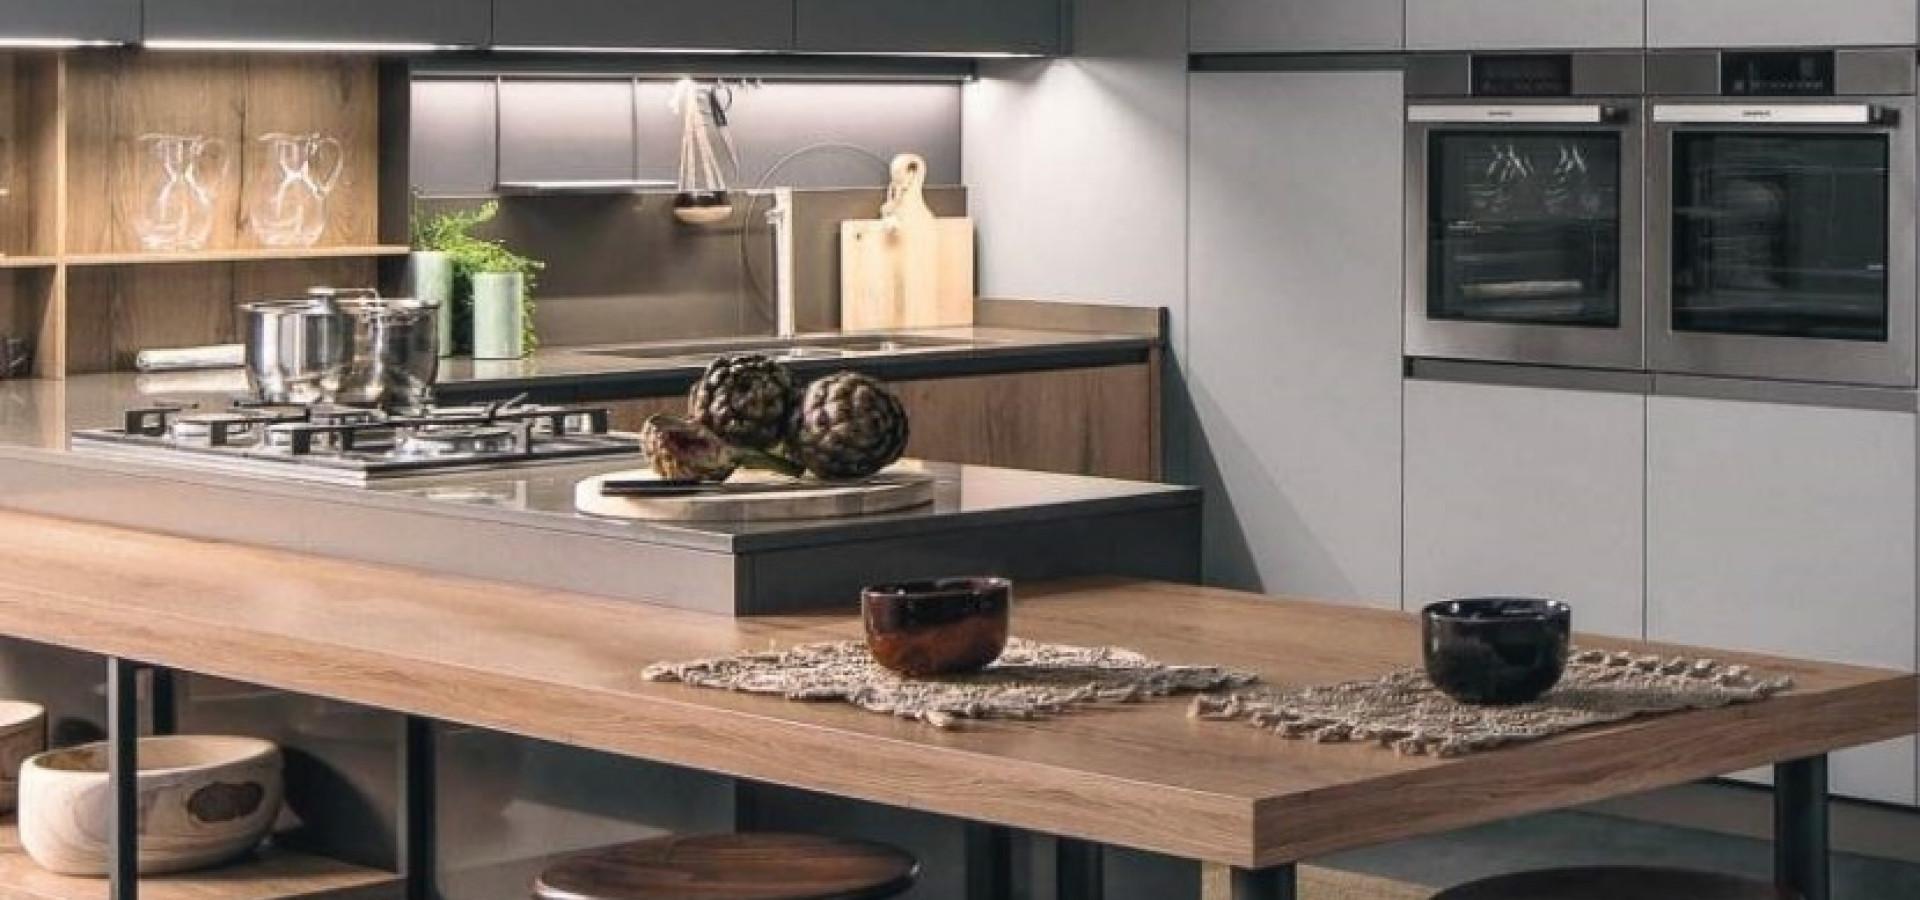 Итальянская кухня модерн KALI | Кухня KALI ARREDO3